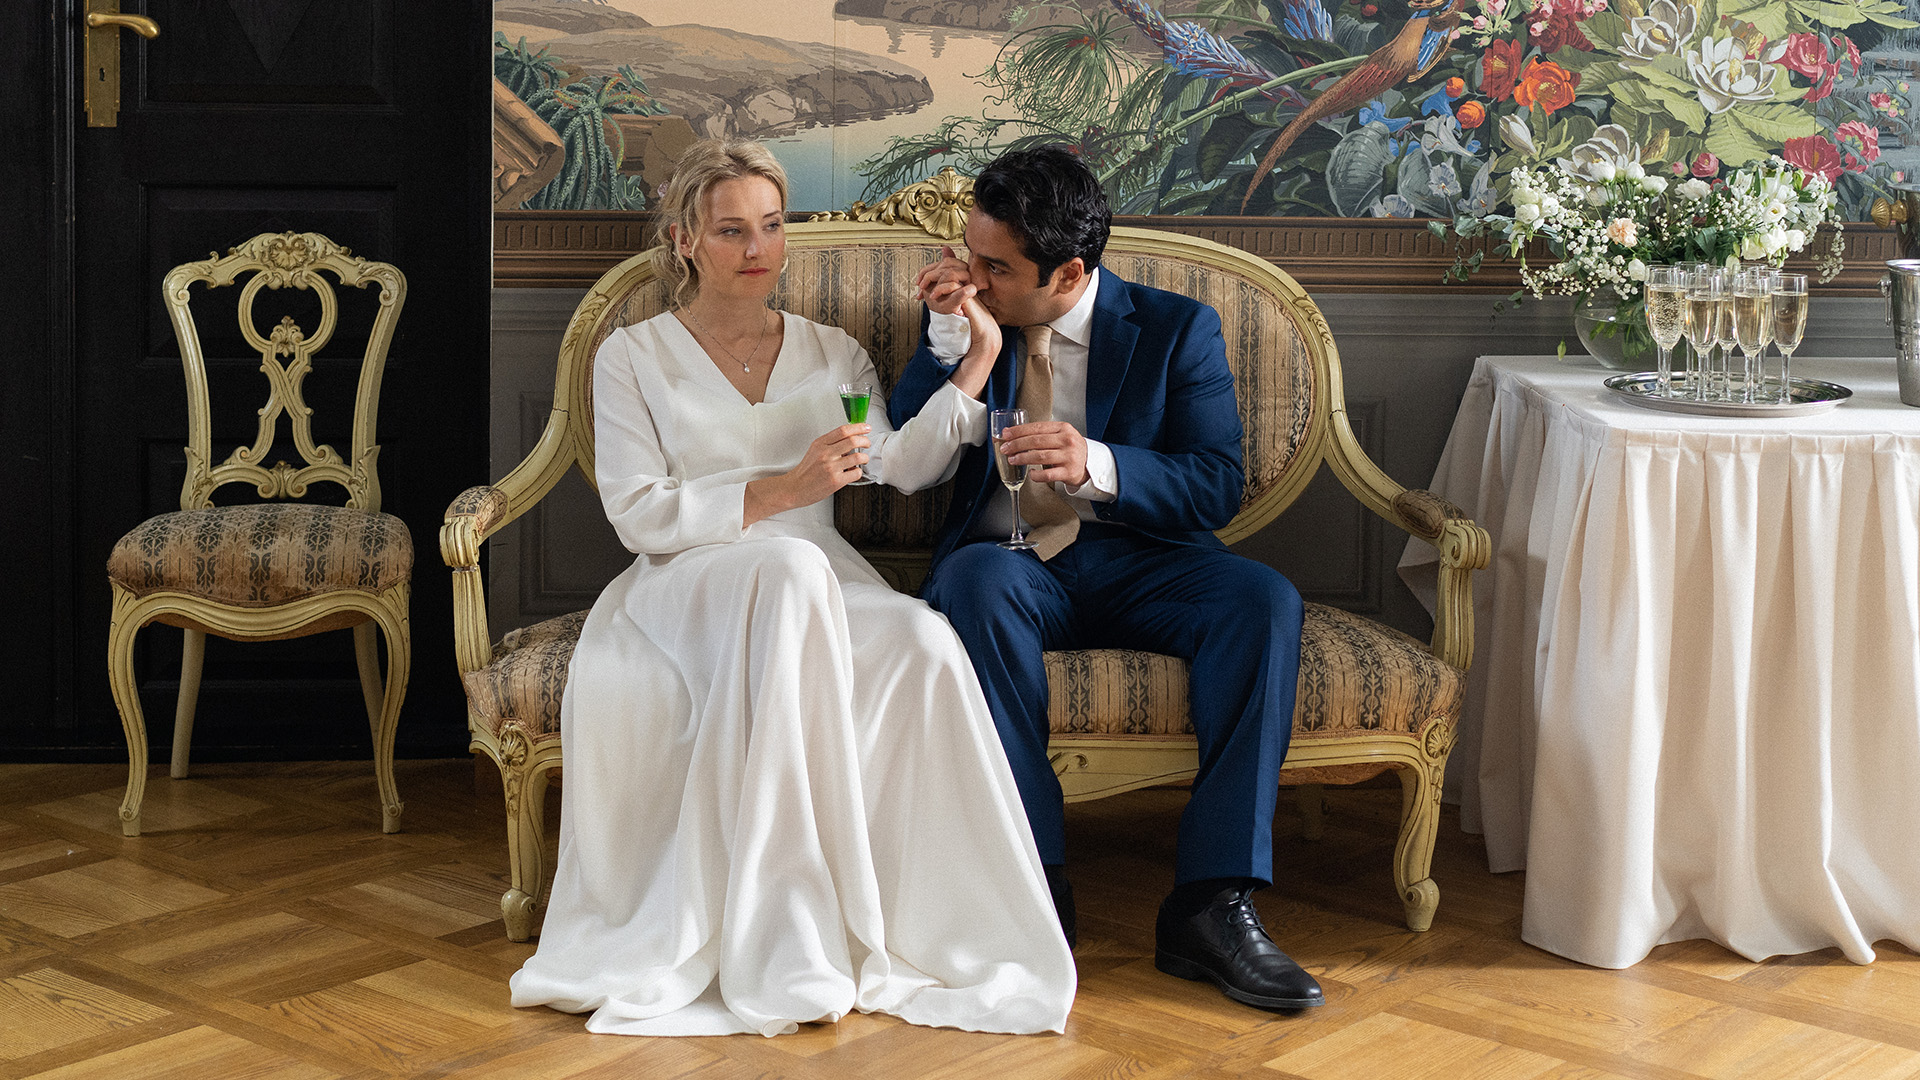 Diana pulmapidu